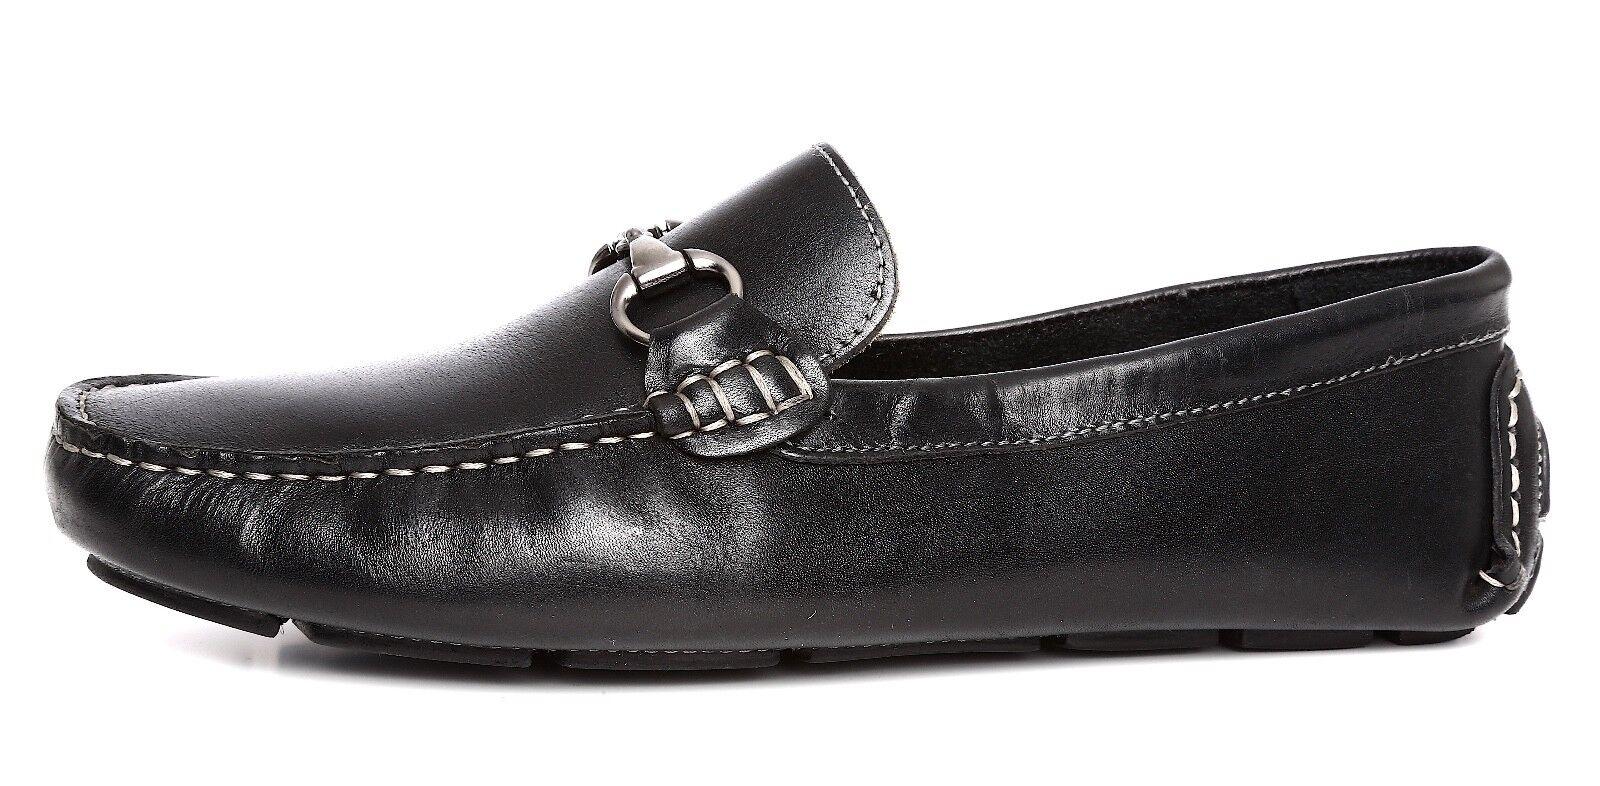 merce di alta qualità e servizio conveniente e onesto 14th & Union Lea Uomo Slip On nero nero nero Leather Bit Driver Sz 9.5M 2924  vendita online